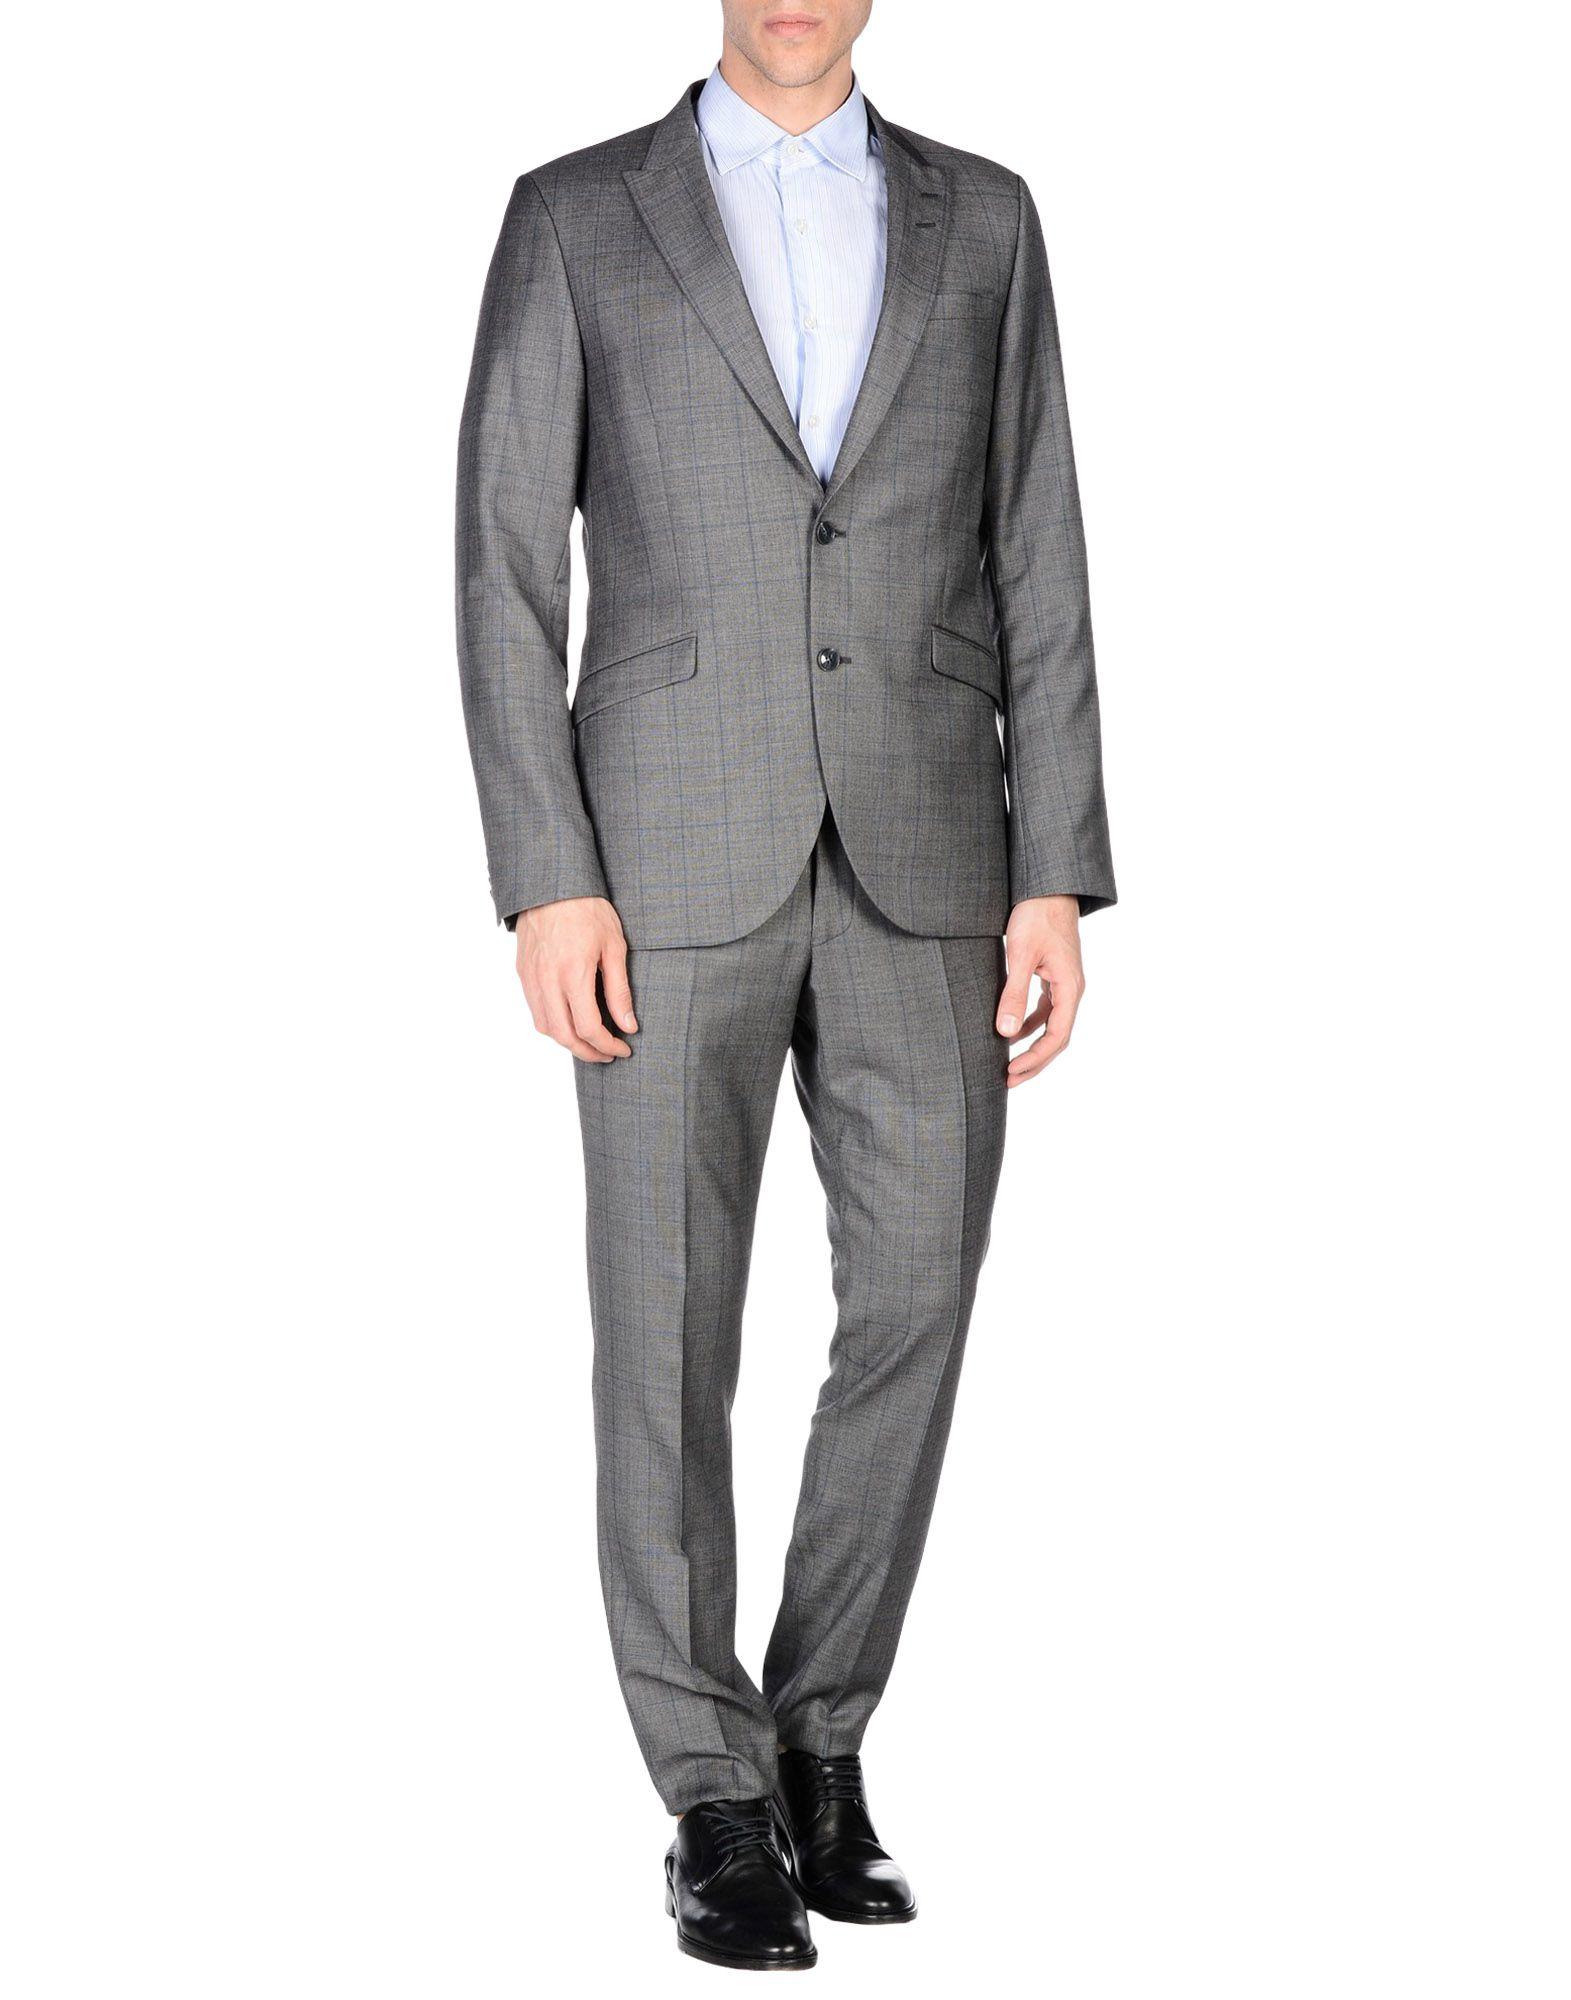 TIGER OF SWEDEN Herren Anzug Farbe Grau Größe 5